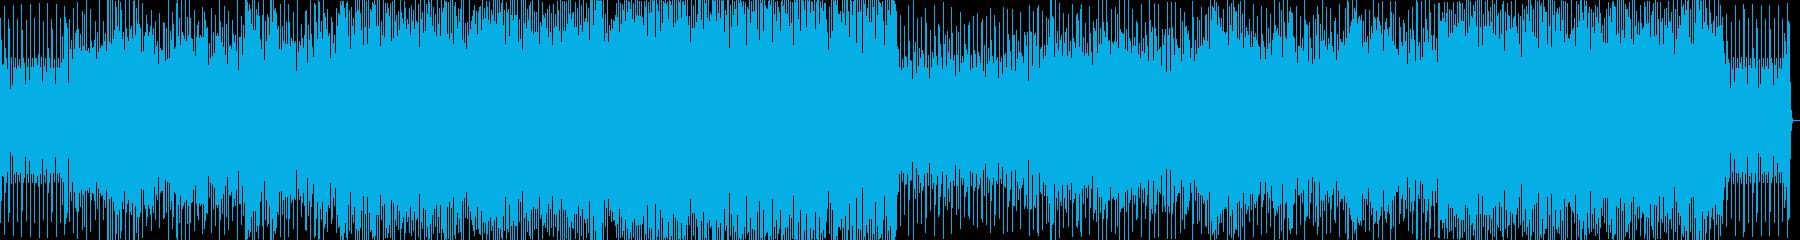 クリスマスをテーマにした軽快なBGMですの再生済みの波形